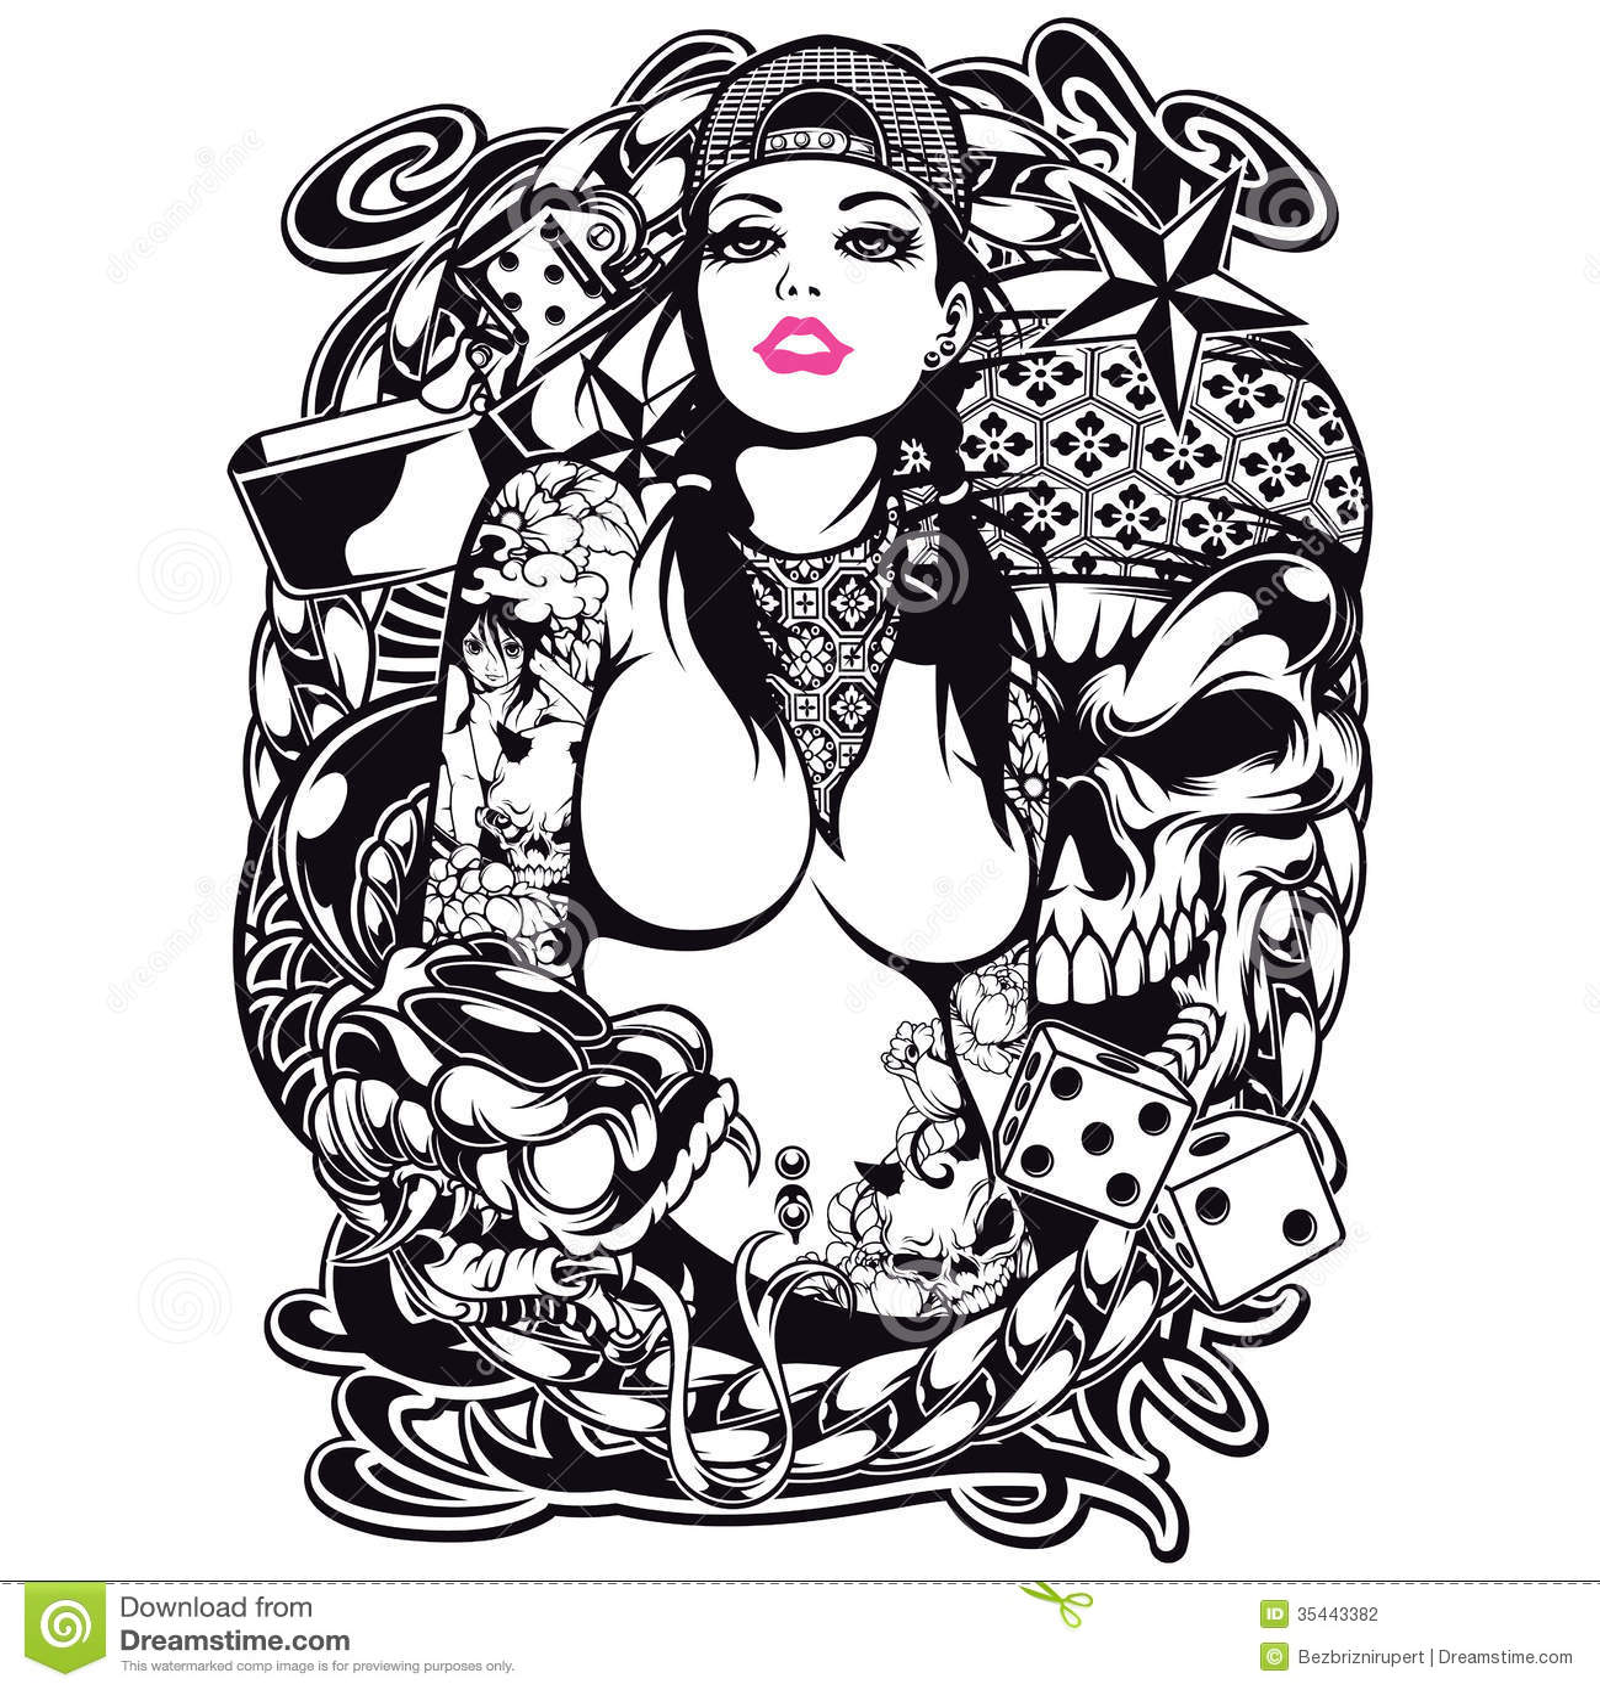 Tatuaż dziewczyny Koszulowy projekt